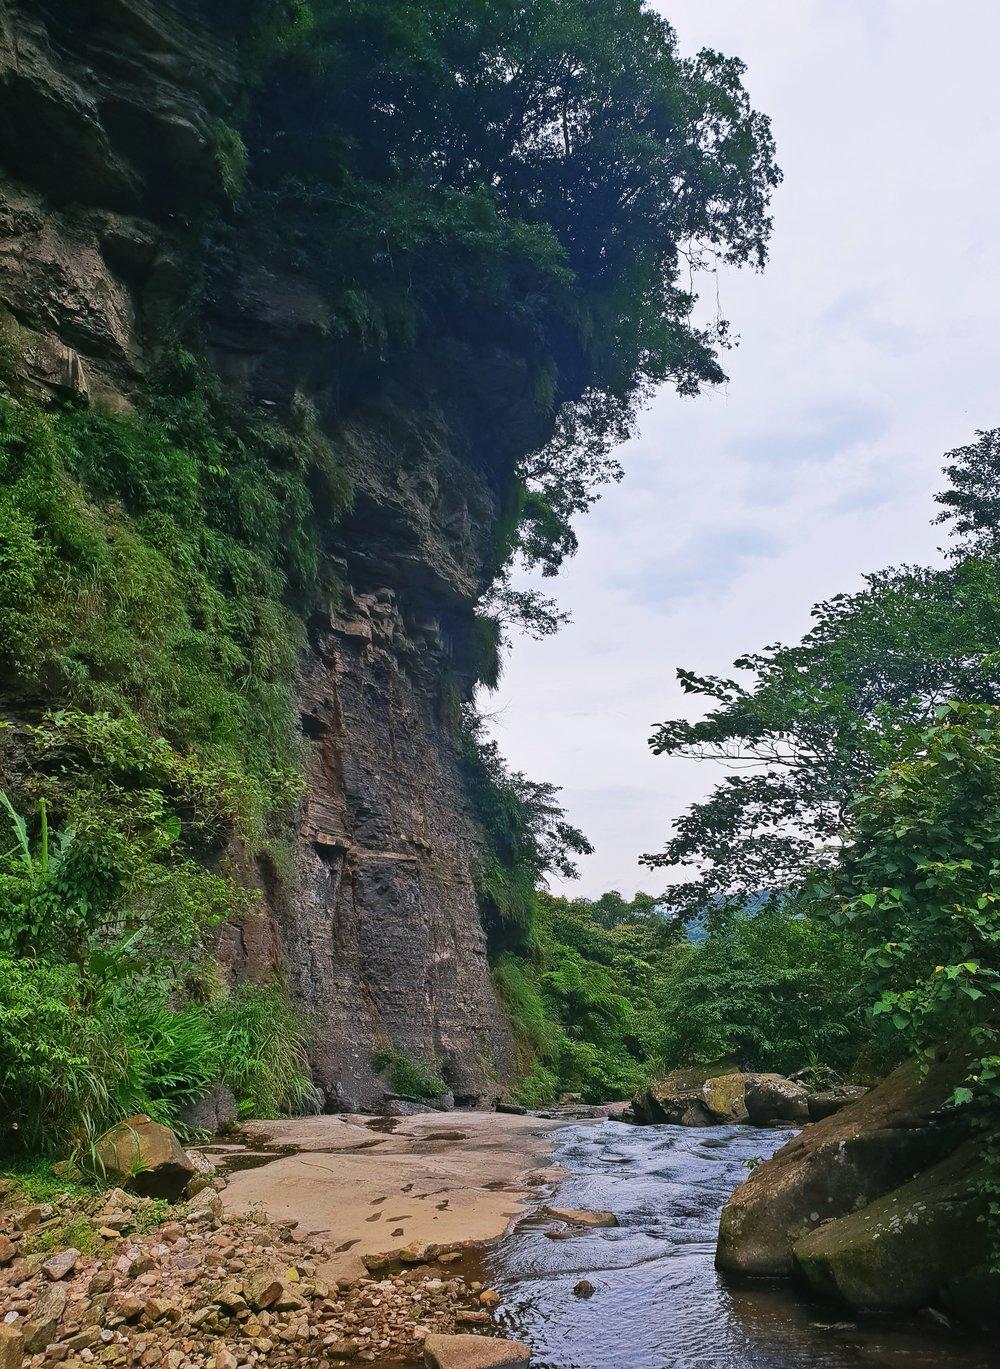 The imposing Jiangziliao Cliff